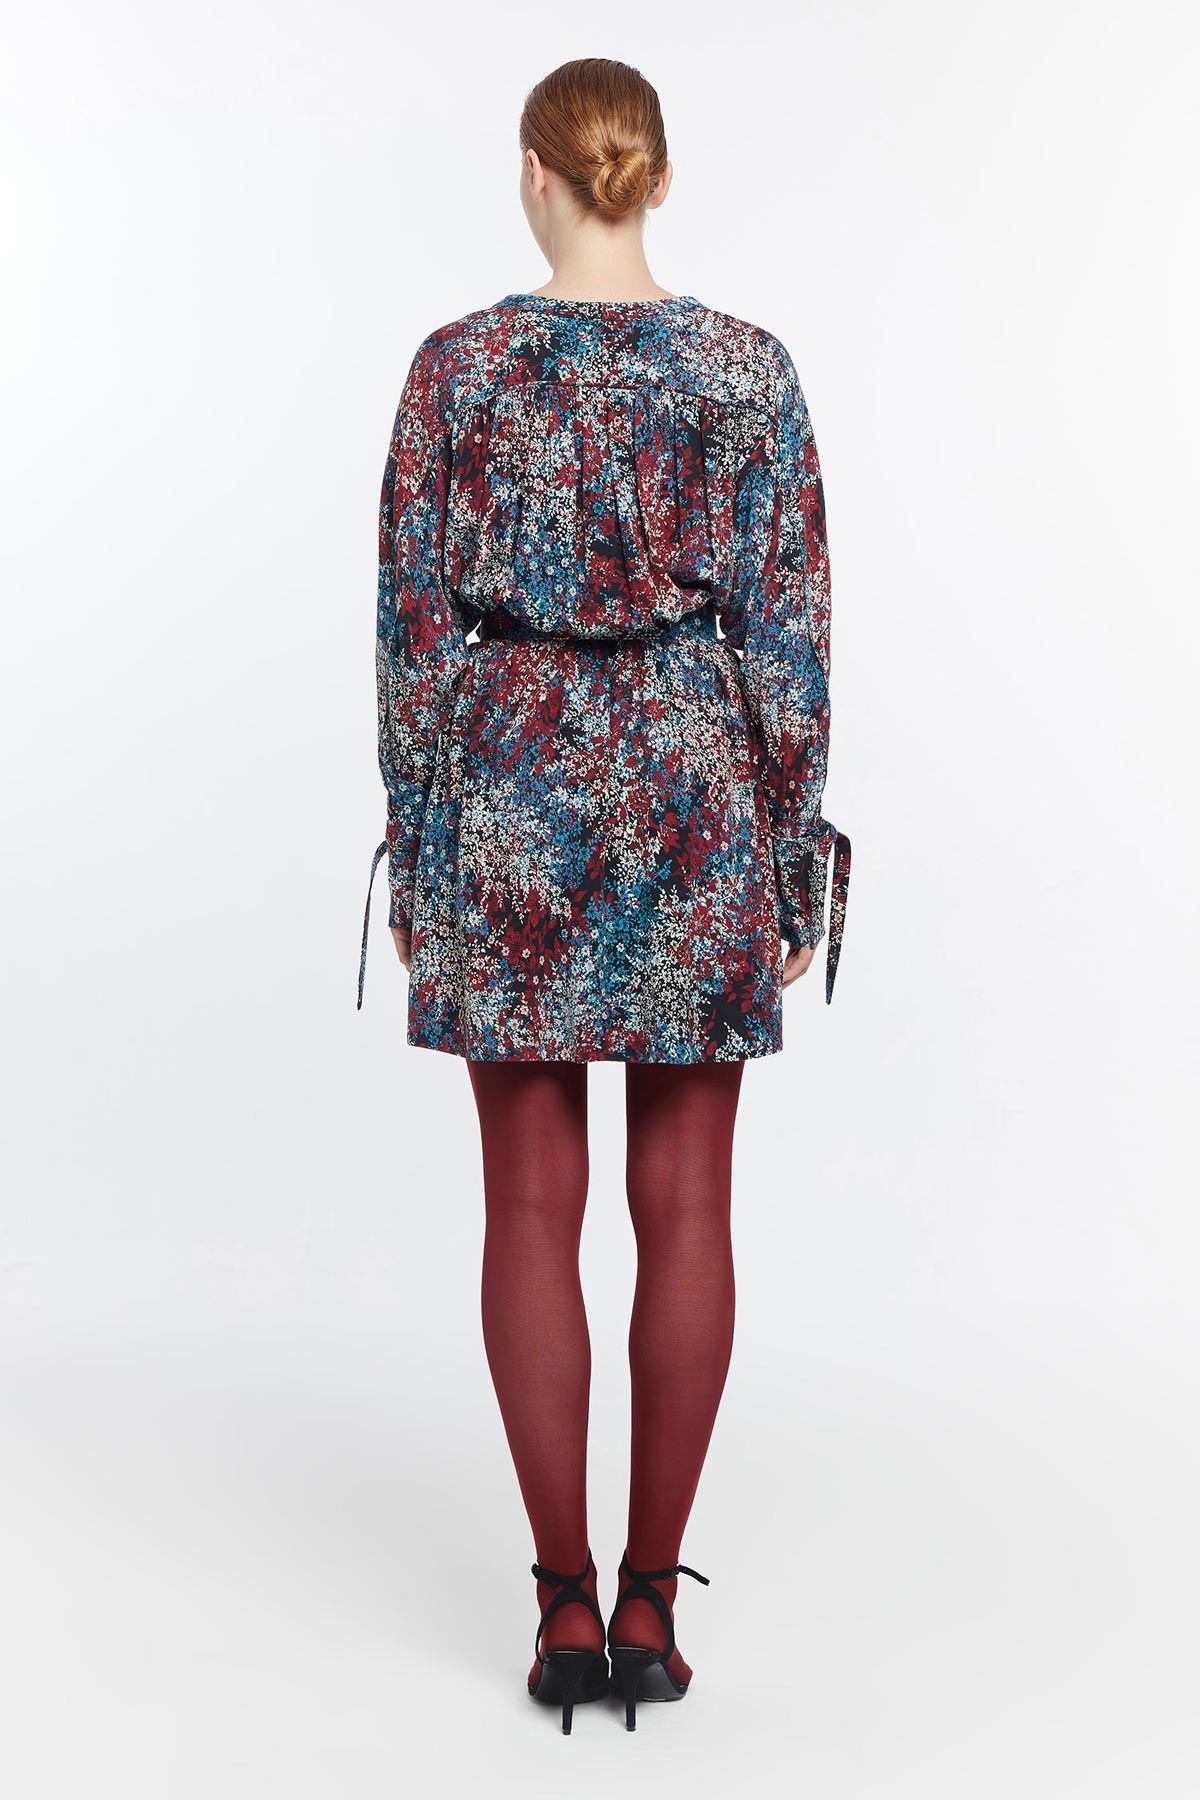 Çiçek desenli kemerli elbise Bordo